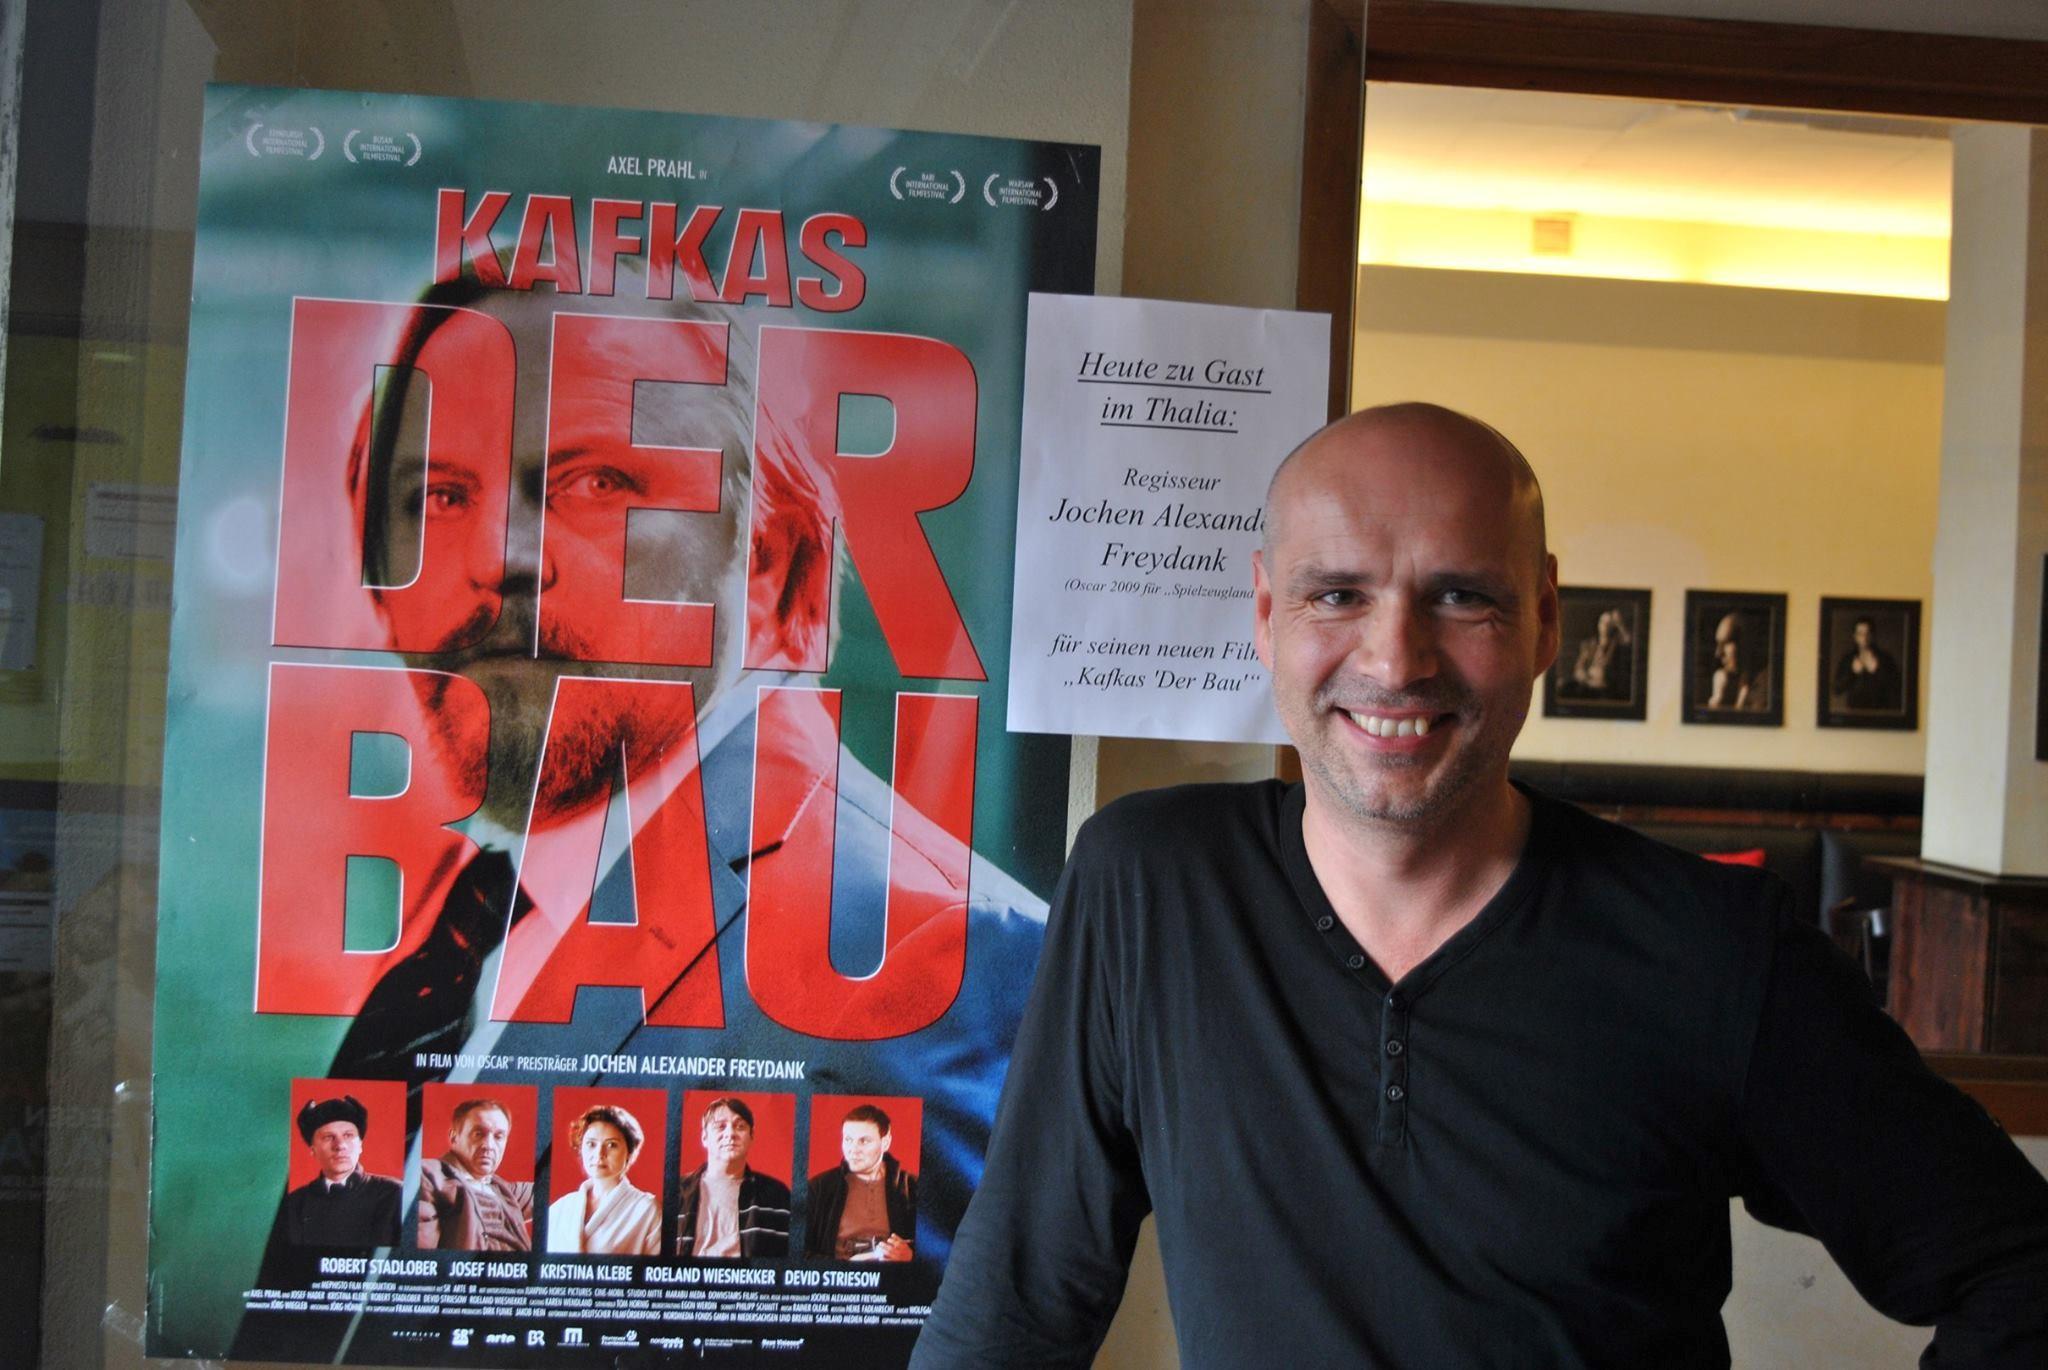 Gast Regisseur Jochen Alexander Freydank: KAFKAS – DER BAU